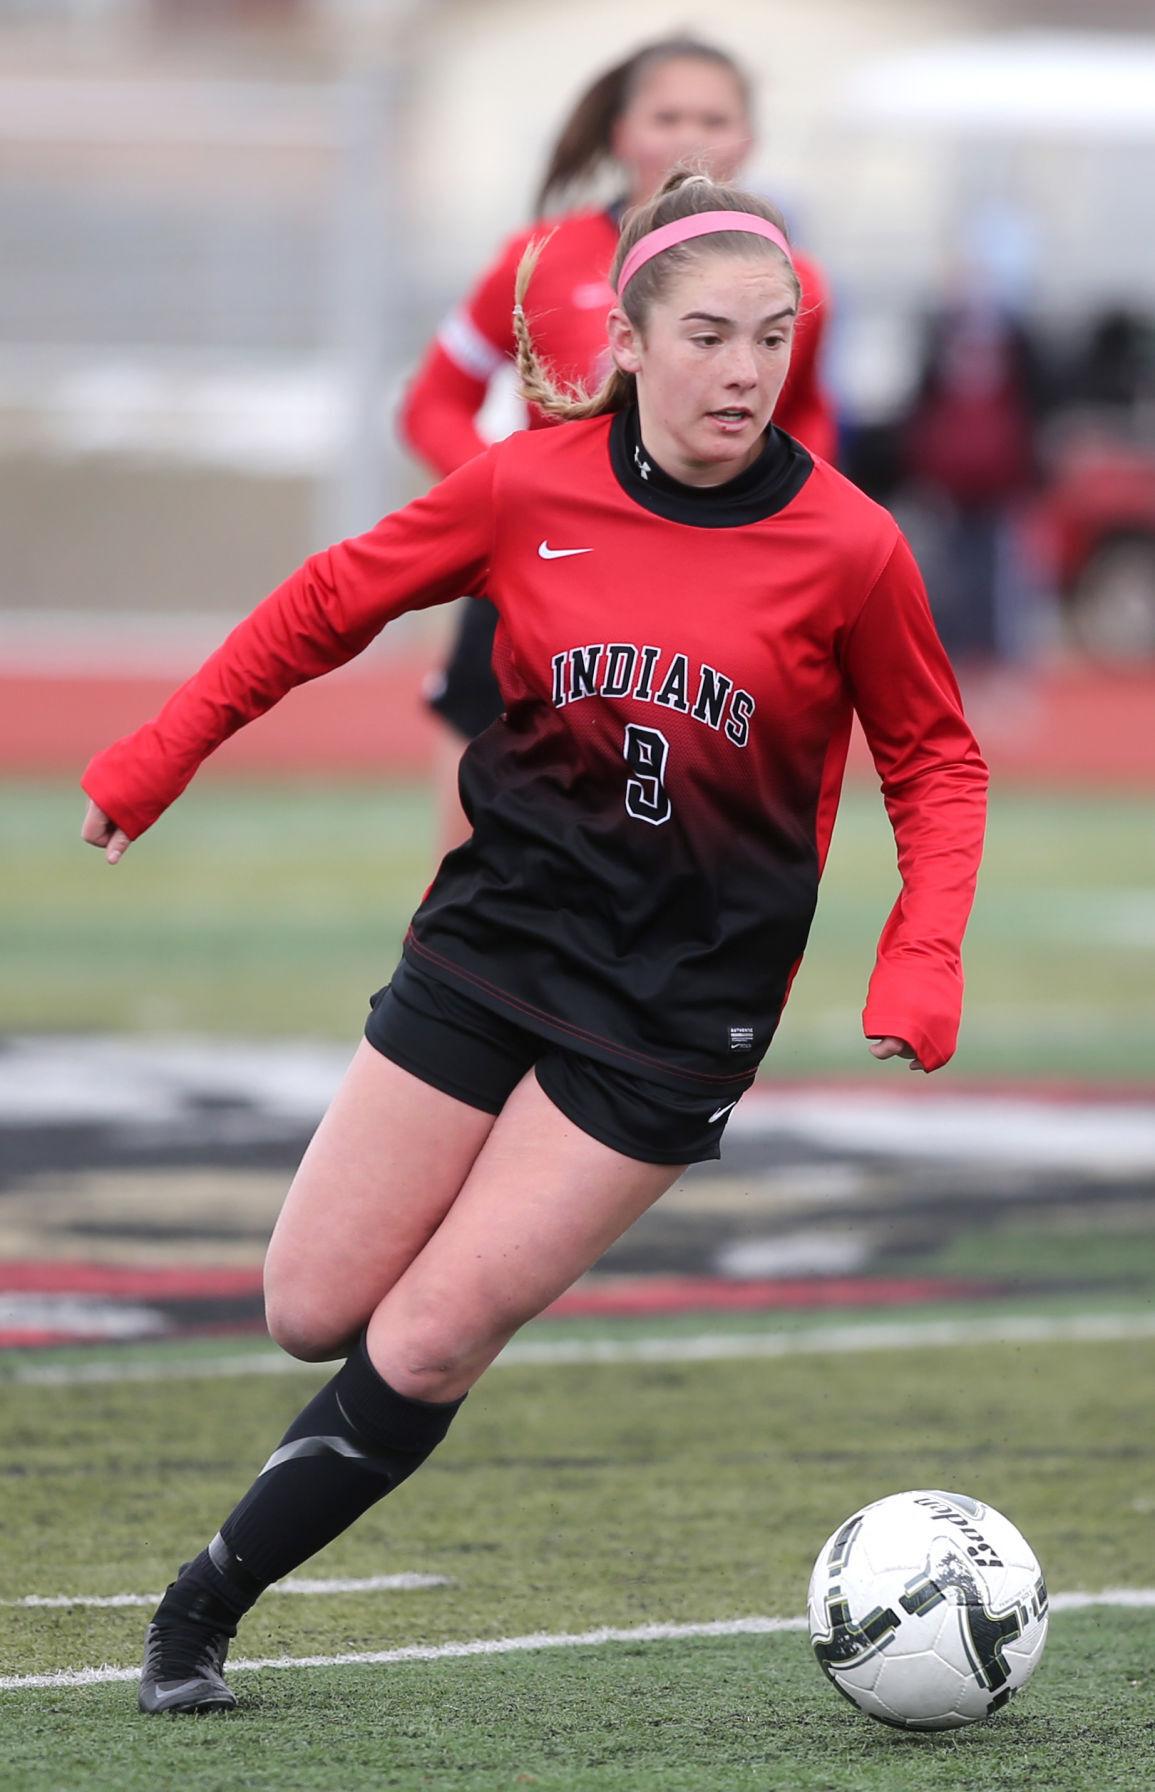 20190331-spts-central girls soccer vs campbell county-jb-17-Eliza-Grace Smith